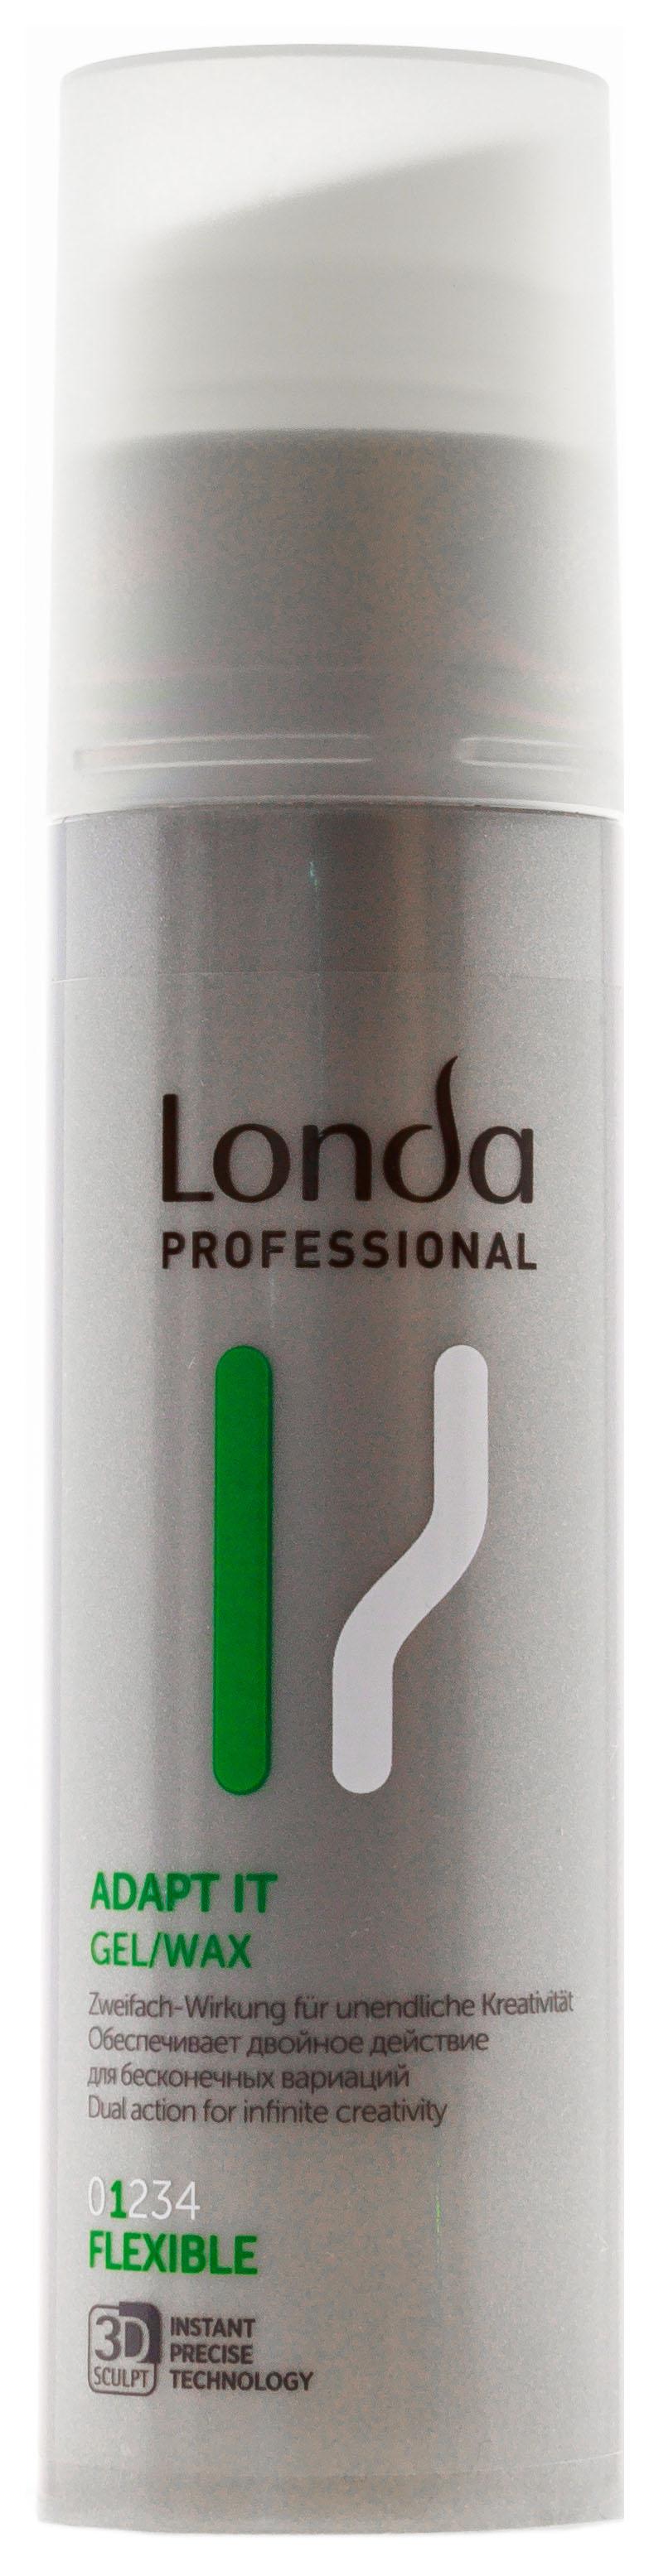 Гель для укладки Londa Texture Adapt